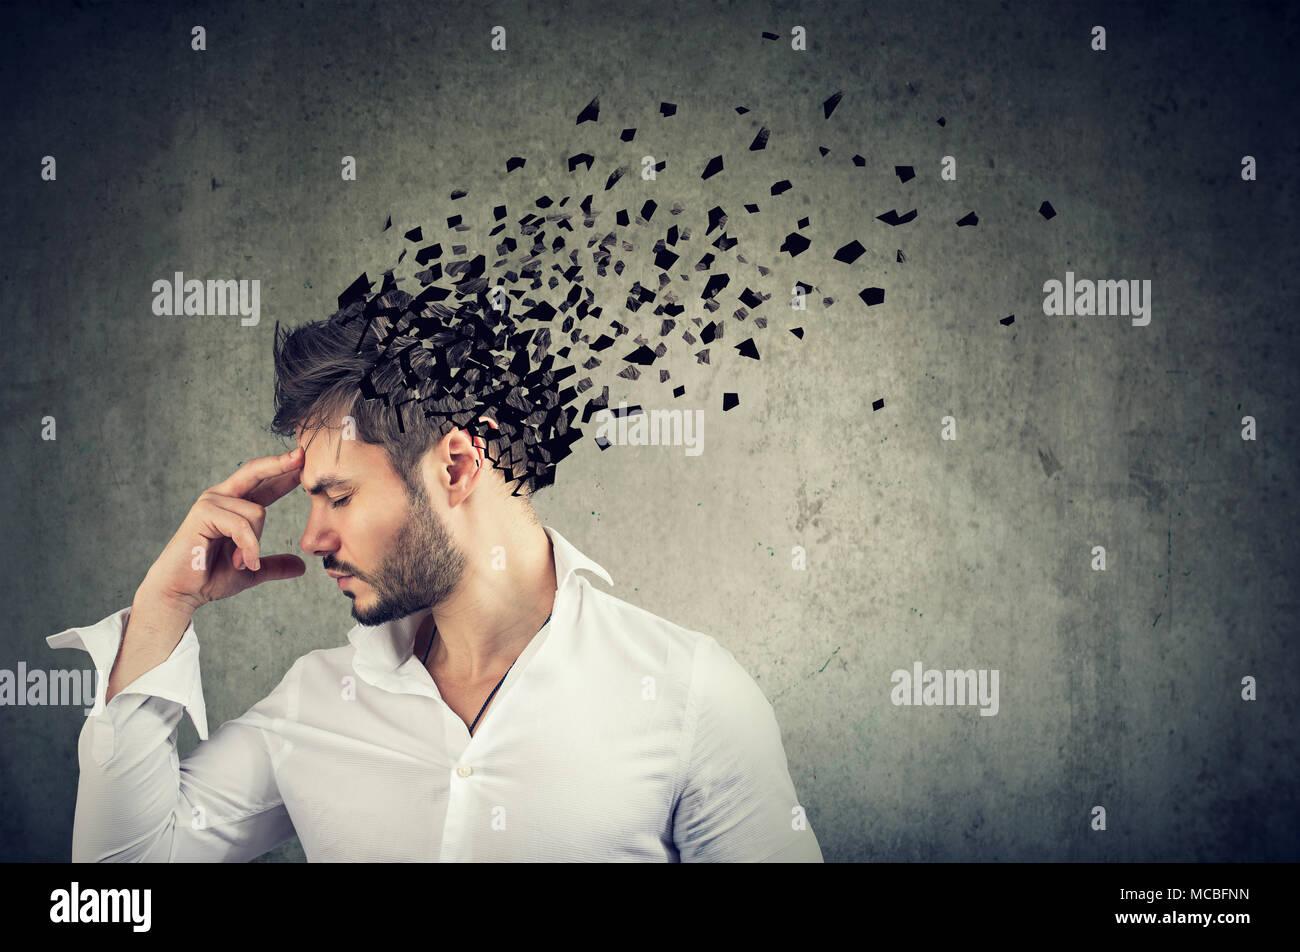 Gedächtnisverlust durch Demenz oder Hirnschäden. Seite Profil eines Mannes verlieren Teile der Kopf als Symbol der verringerten Verstand Funktion. Stockbild